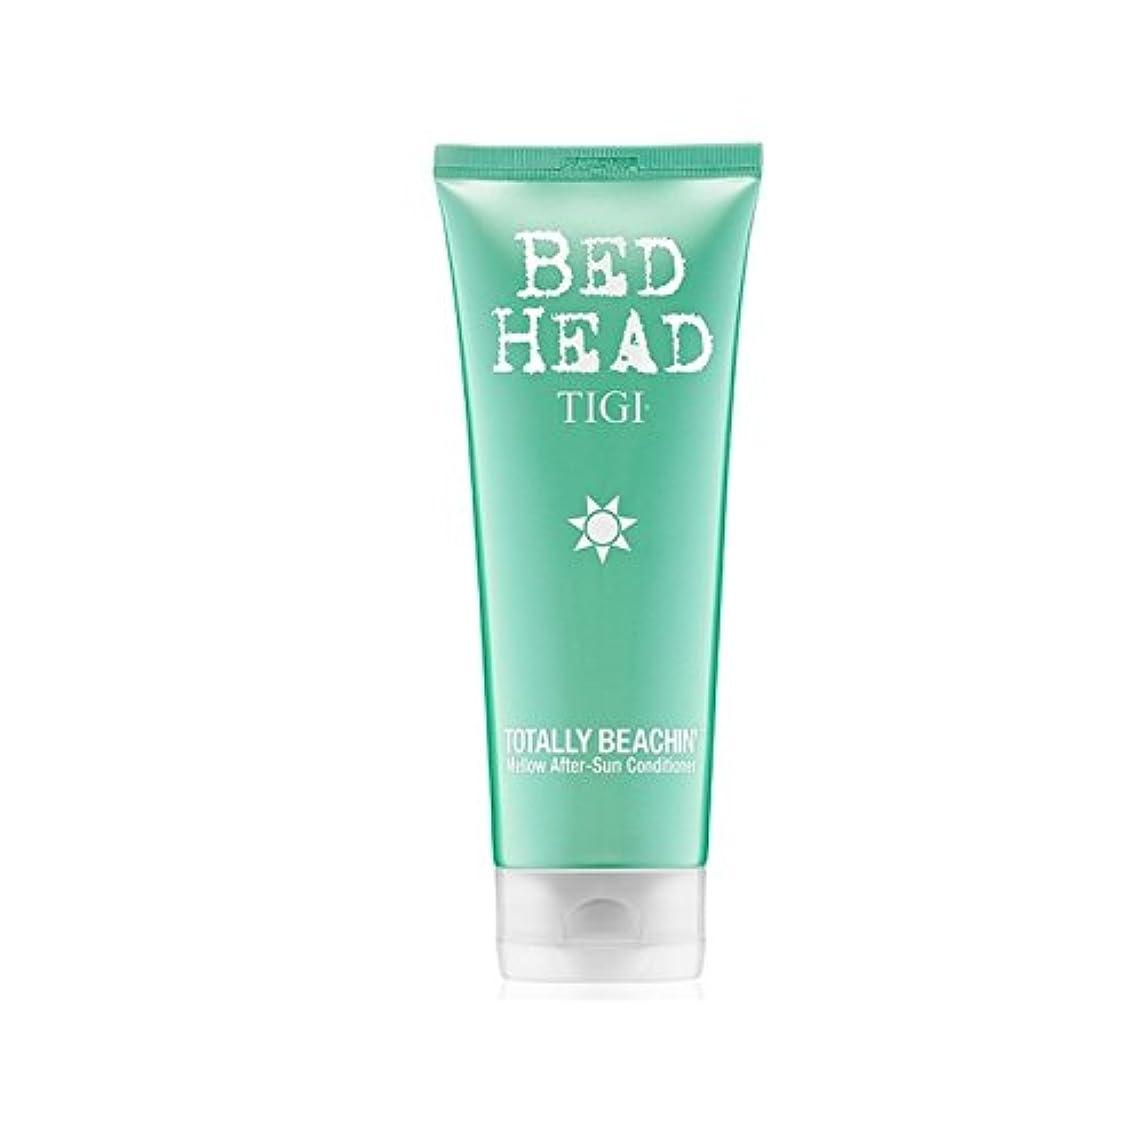 苦情文句結婚する庭園ティジーベッドヘッド全くまろやかアフターサンコンディショナー(200ミリリットル) x2 - Tigi Bed Head Totally Beachin Mellow After-Sun Conditioner (200ml) (Pack of 2) [並行輸入品]